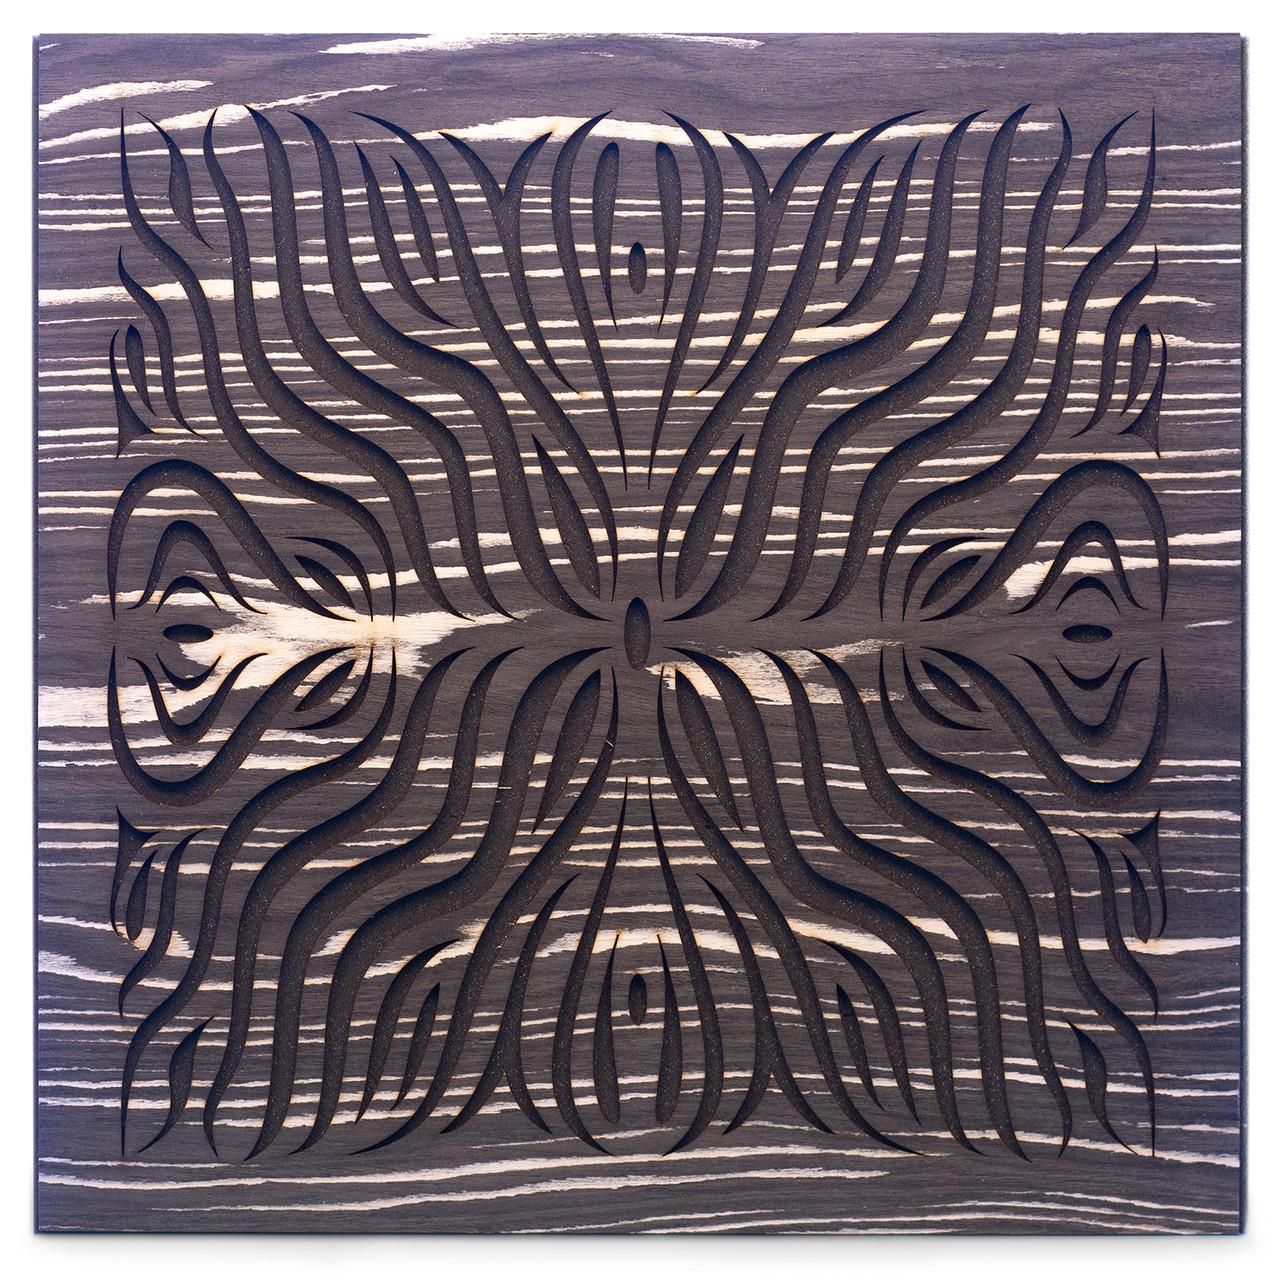 Акустическая панель Ecosound Chimera F Ebony&Ivory 50x50см 73мм цвет черно-белый